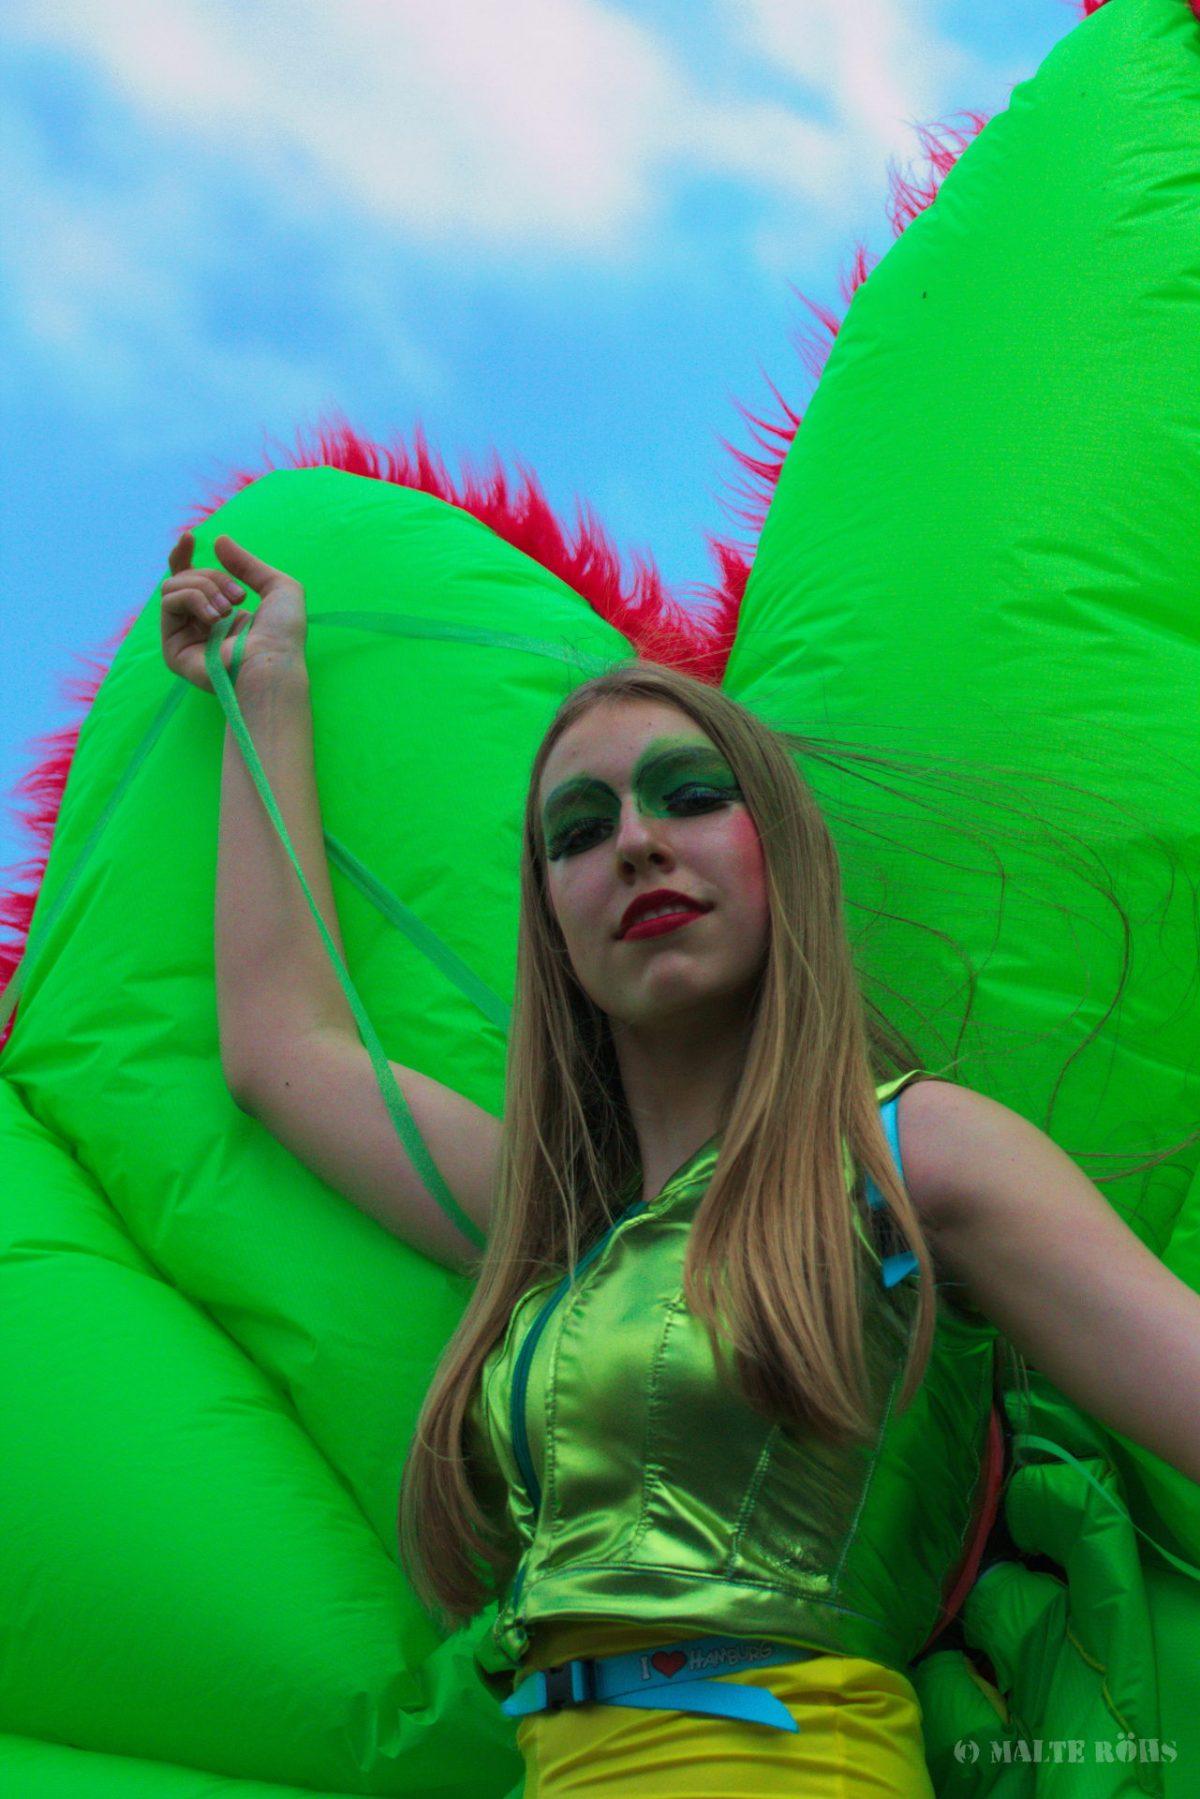 Carnival der Kulturen 2015 in Bielefeld, Germany